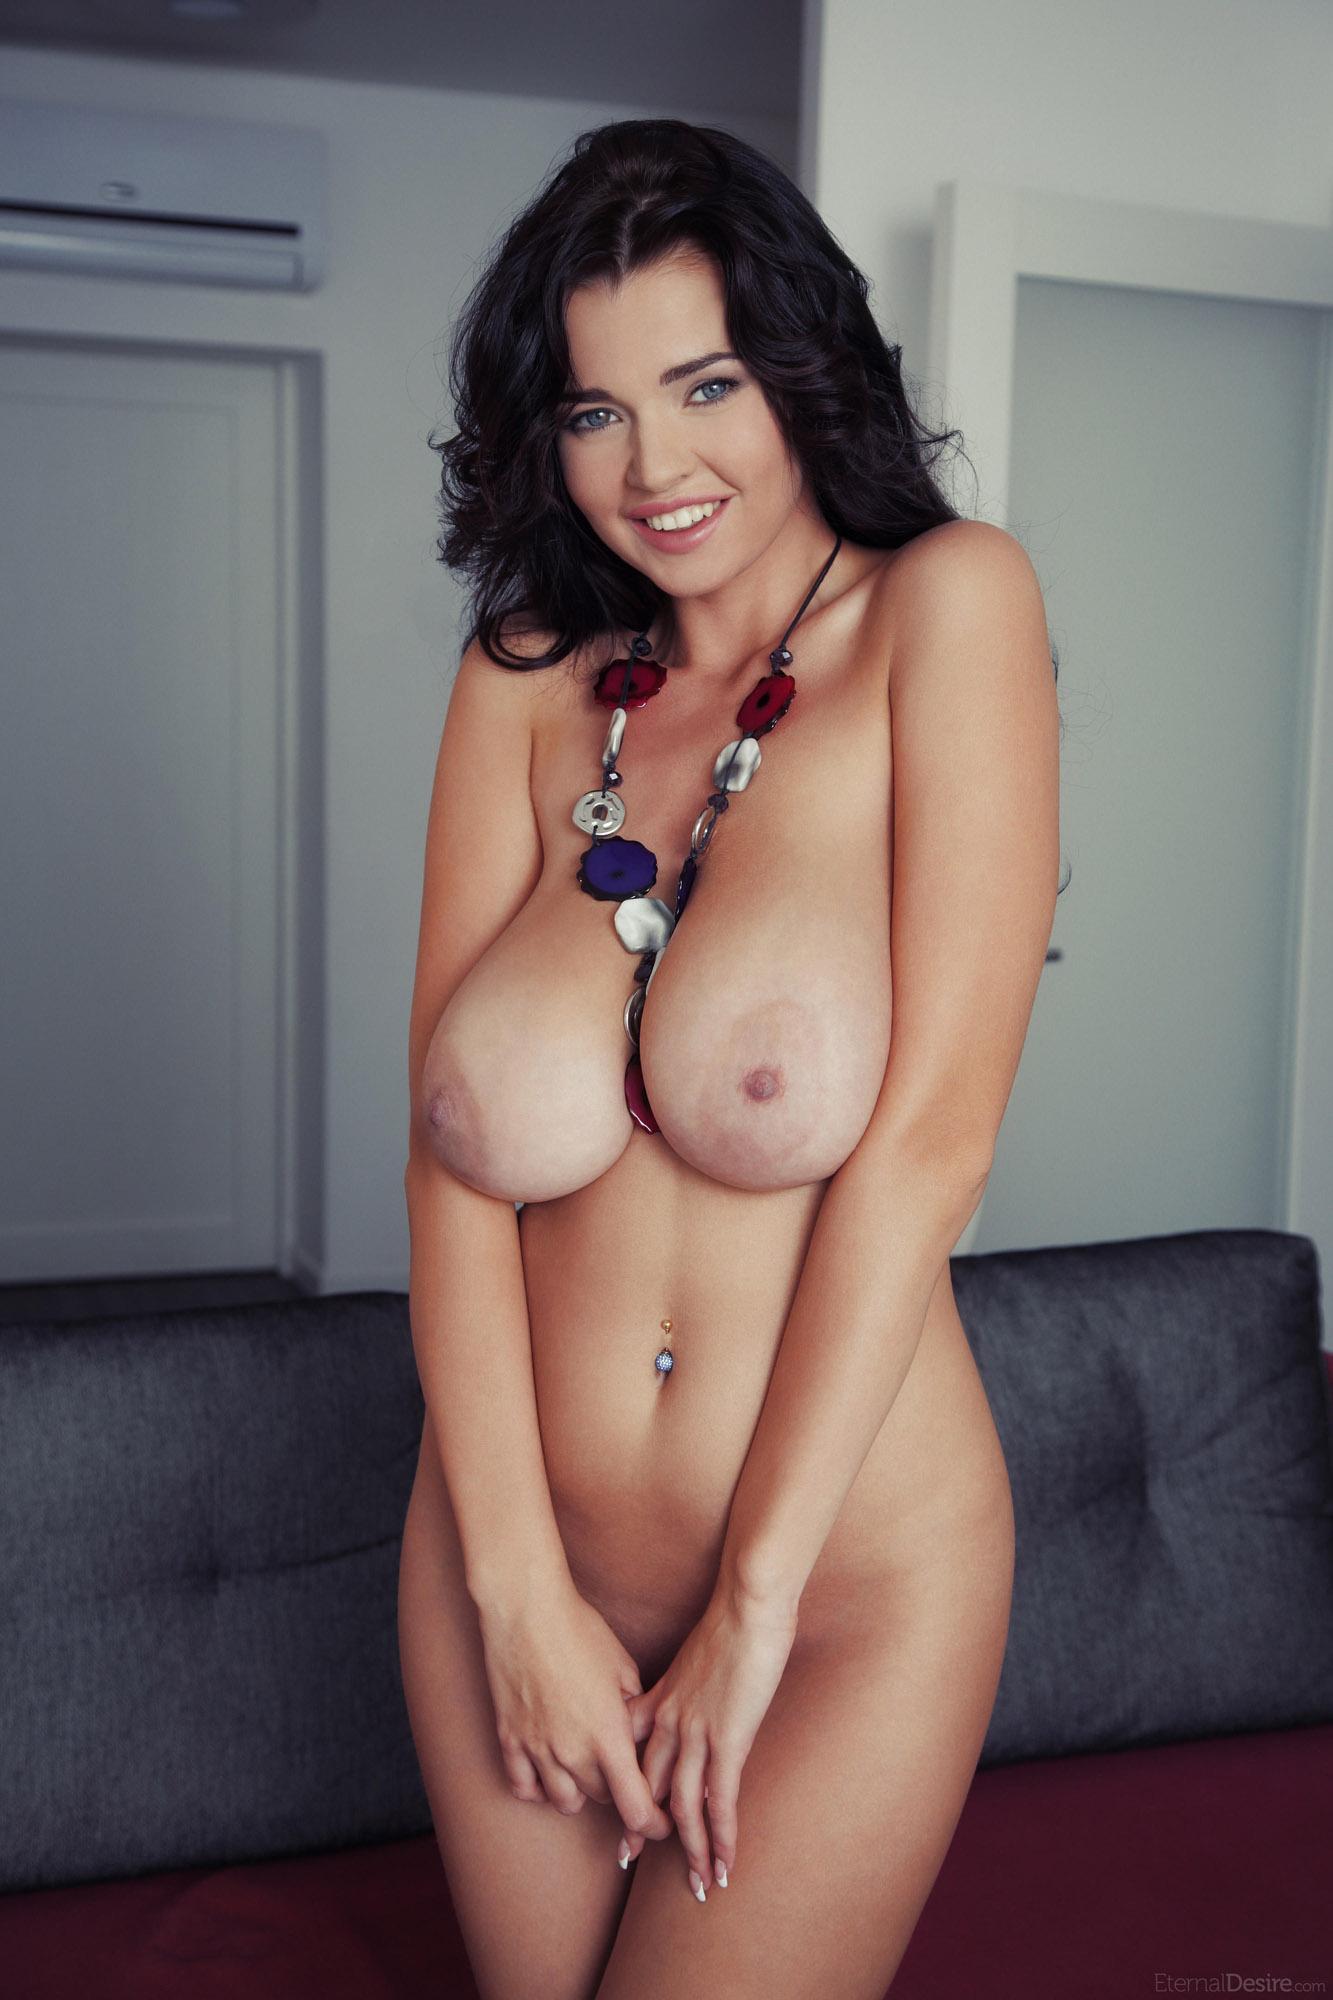 Самая огромная грудь голая 1 фотография